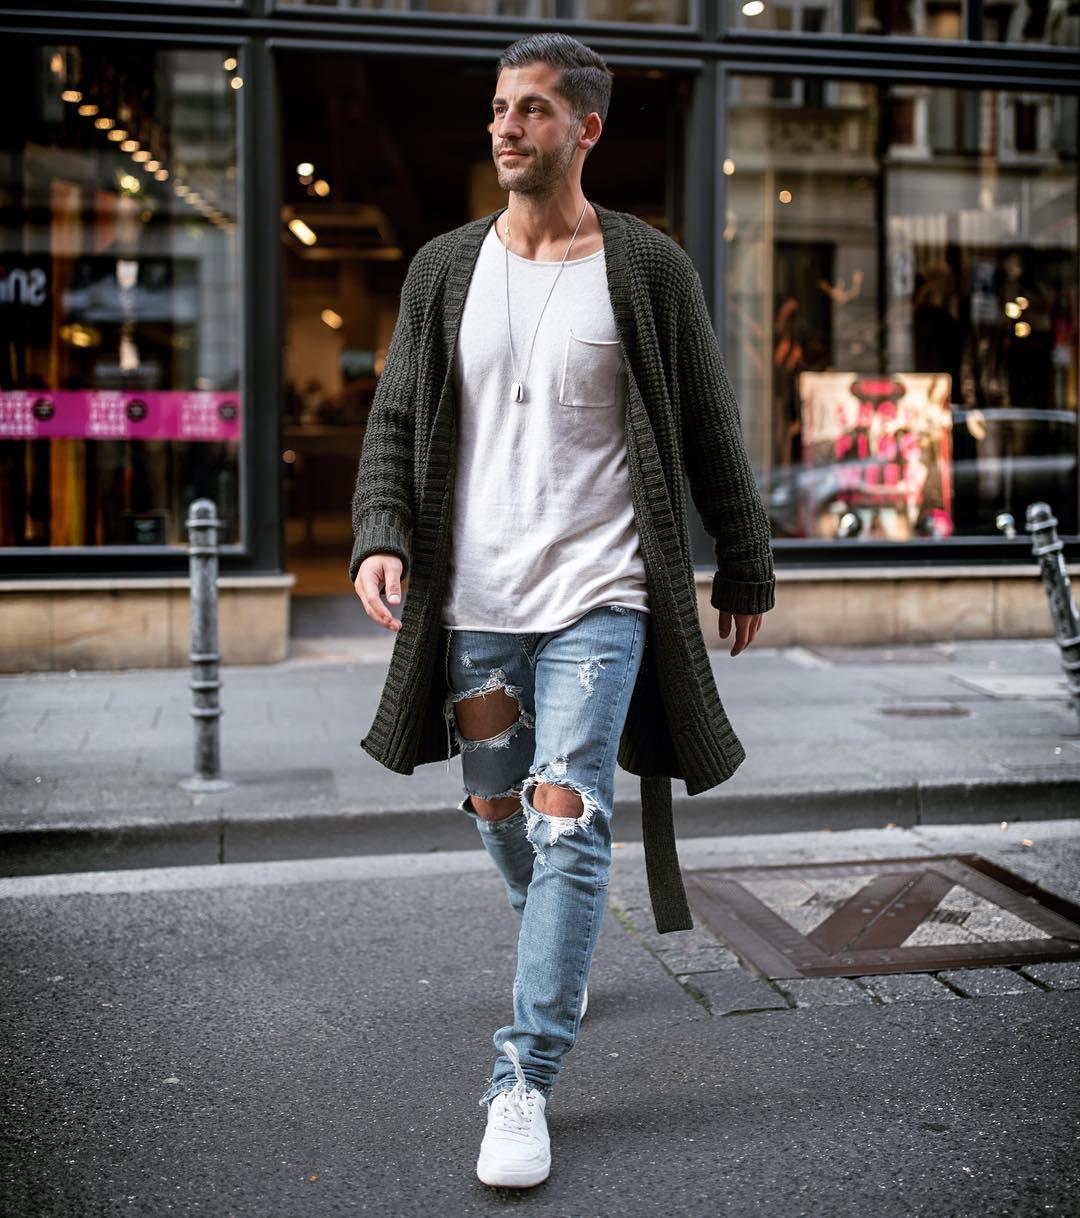 モスグリーンロングカーディガン×白ポケットTシャツ×ダメージジーンズ×白スニーカー